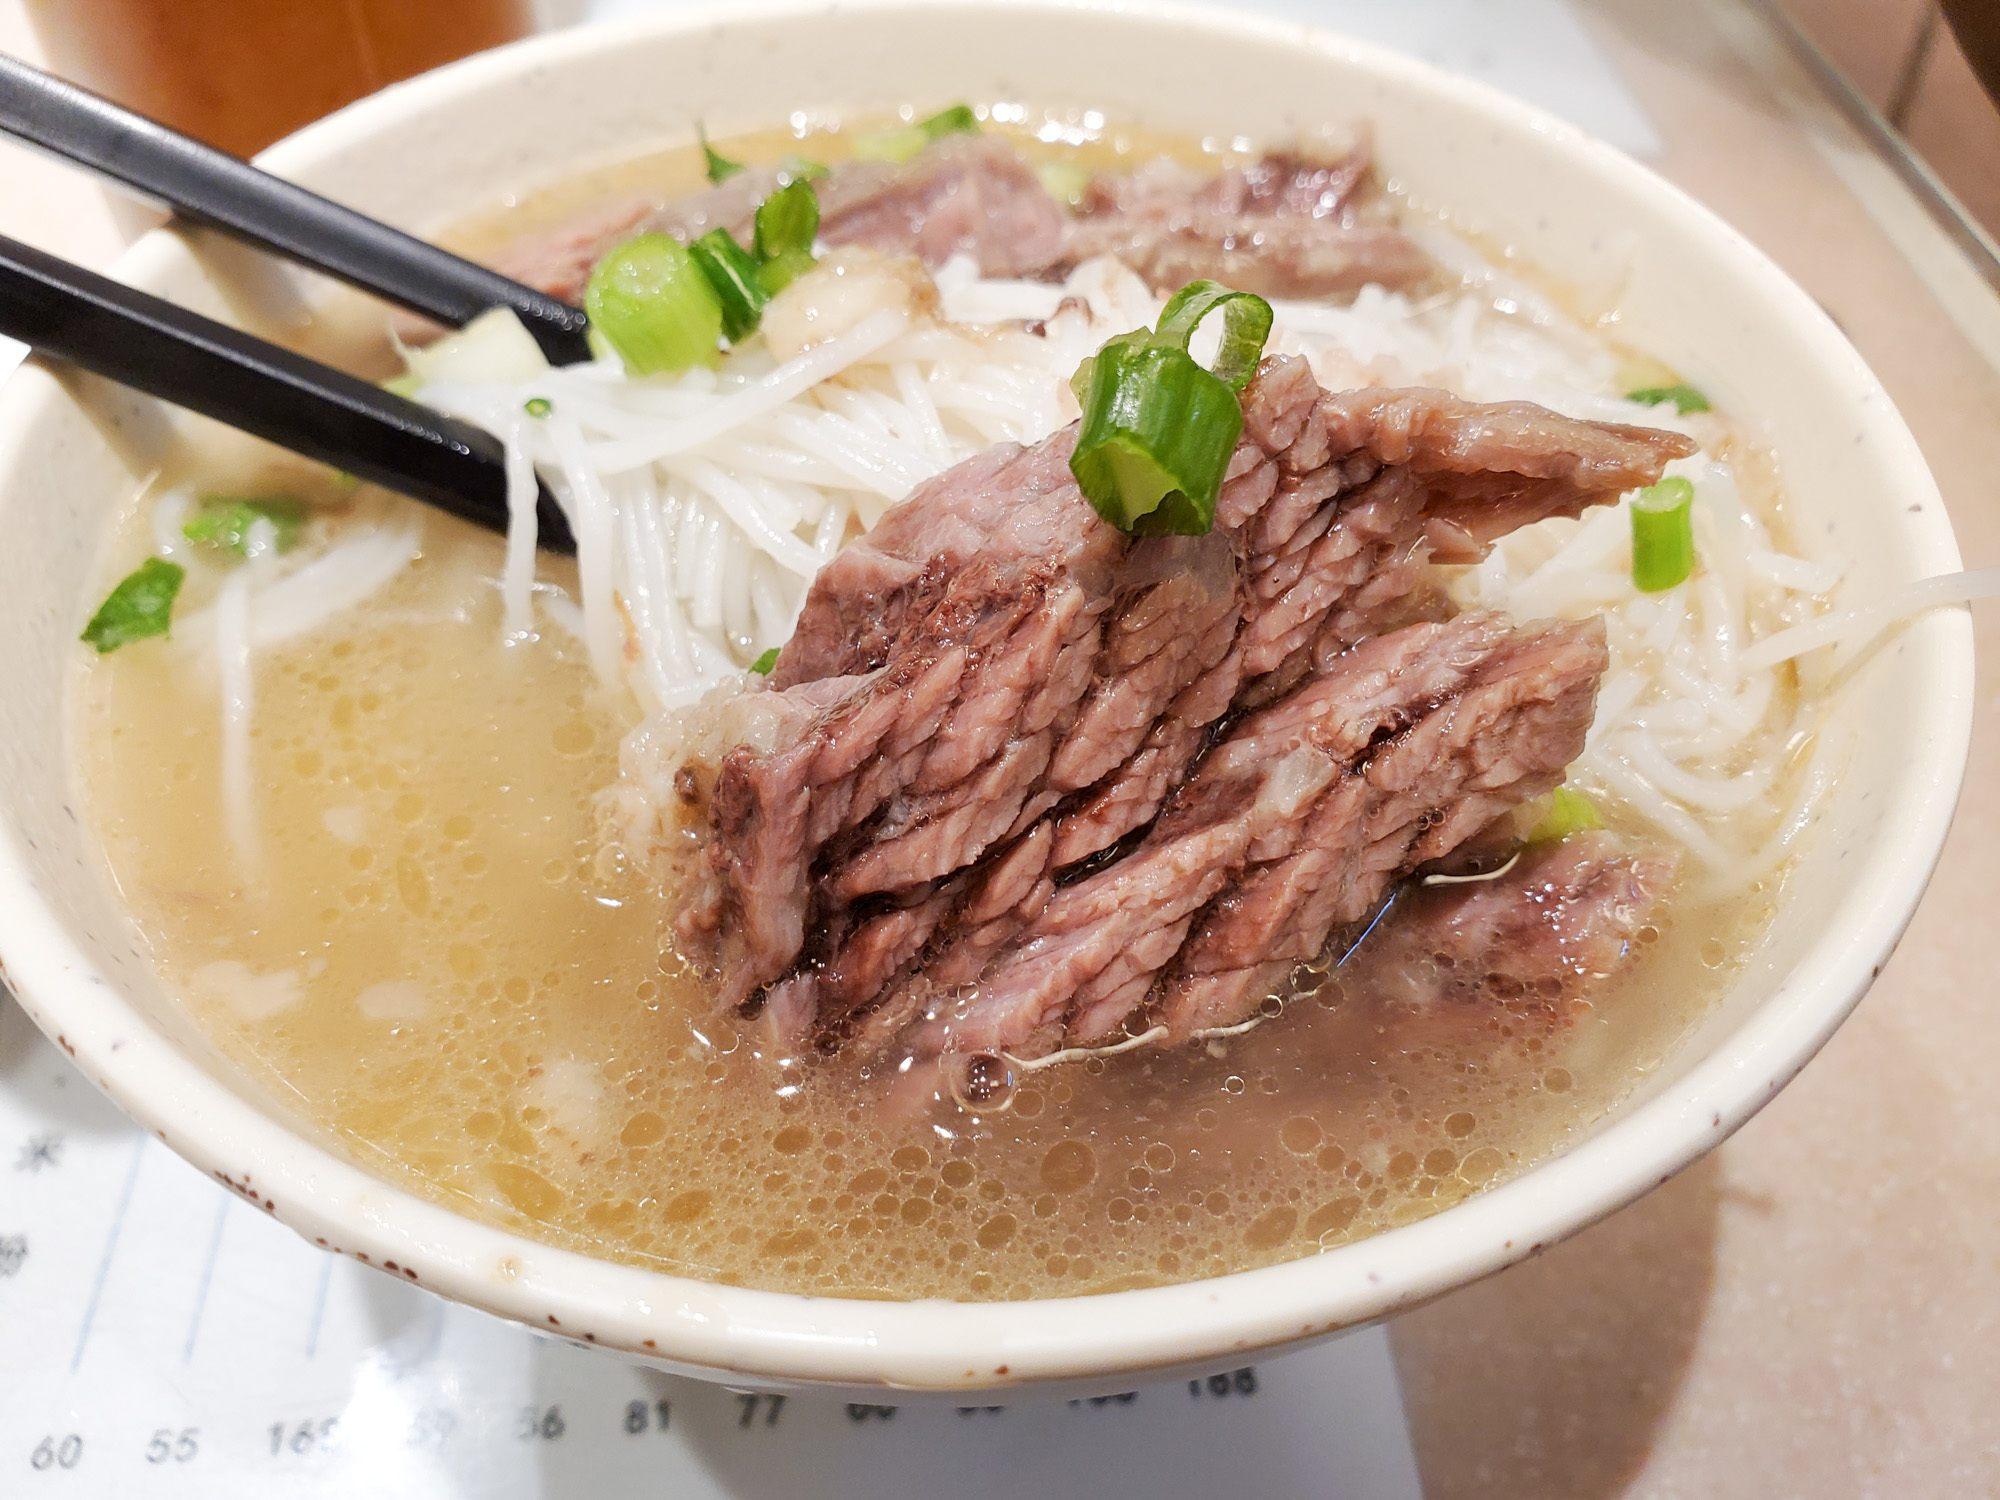 Hong kong style noodles at kau kee food cafe in hong kong